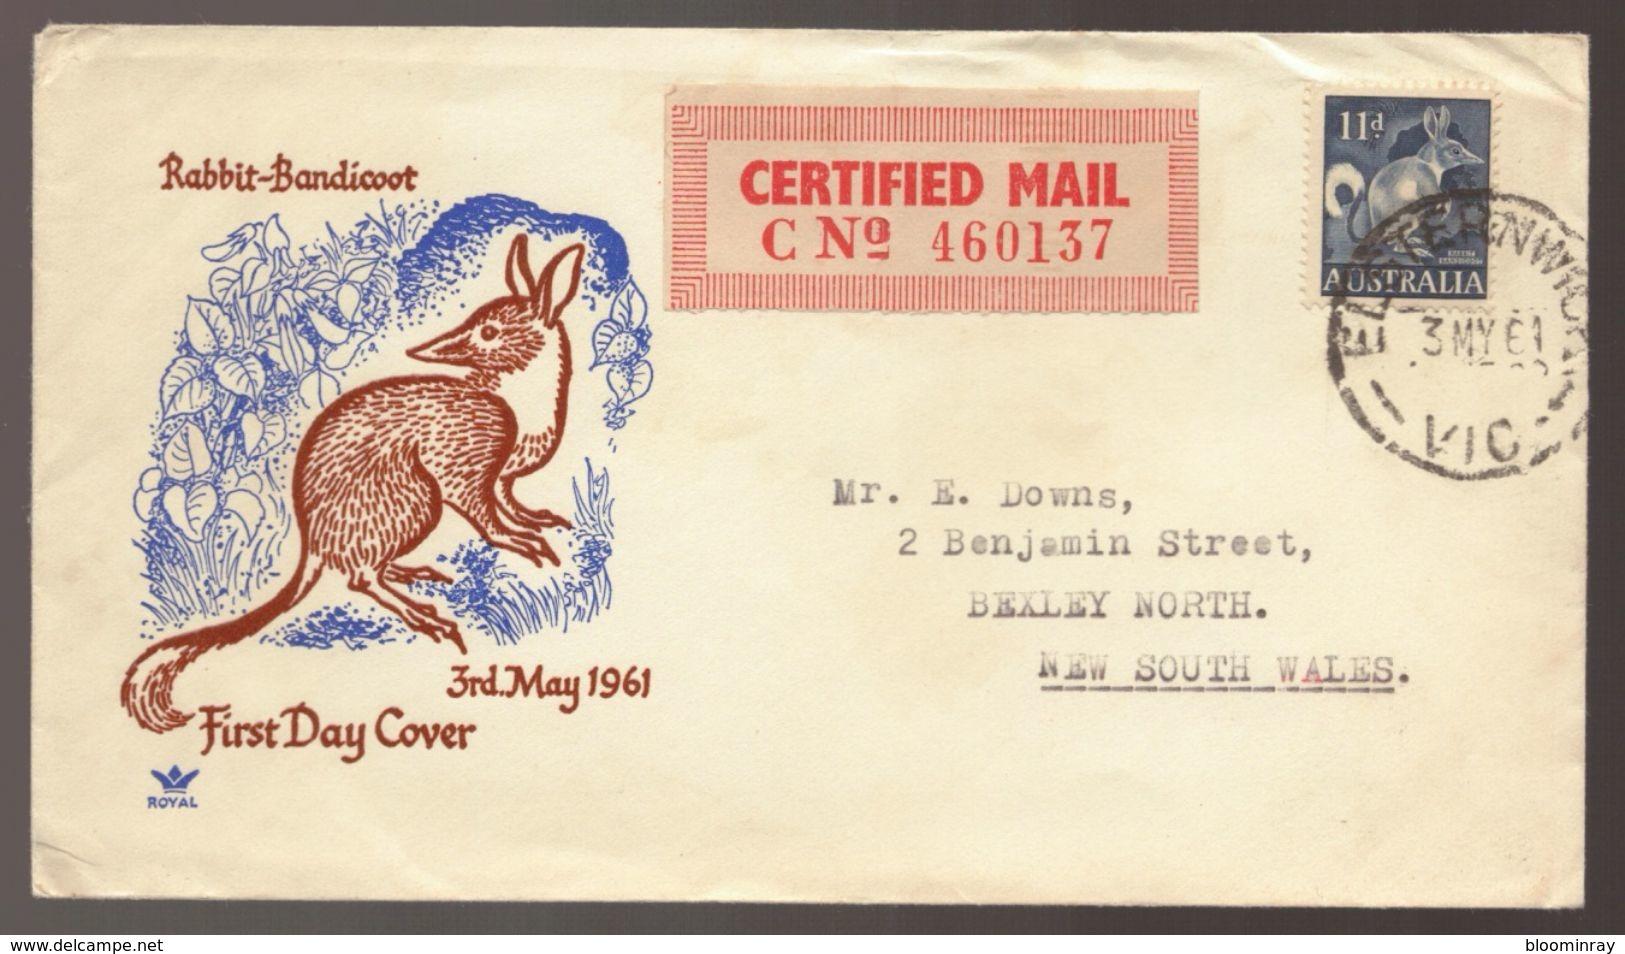 1961 Australia Native Animal Rabbit Bandicoot CERTIFIED MAIL FDC - Primo Giorno D'emissione (FDC)